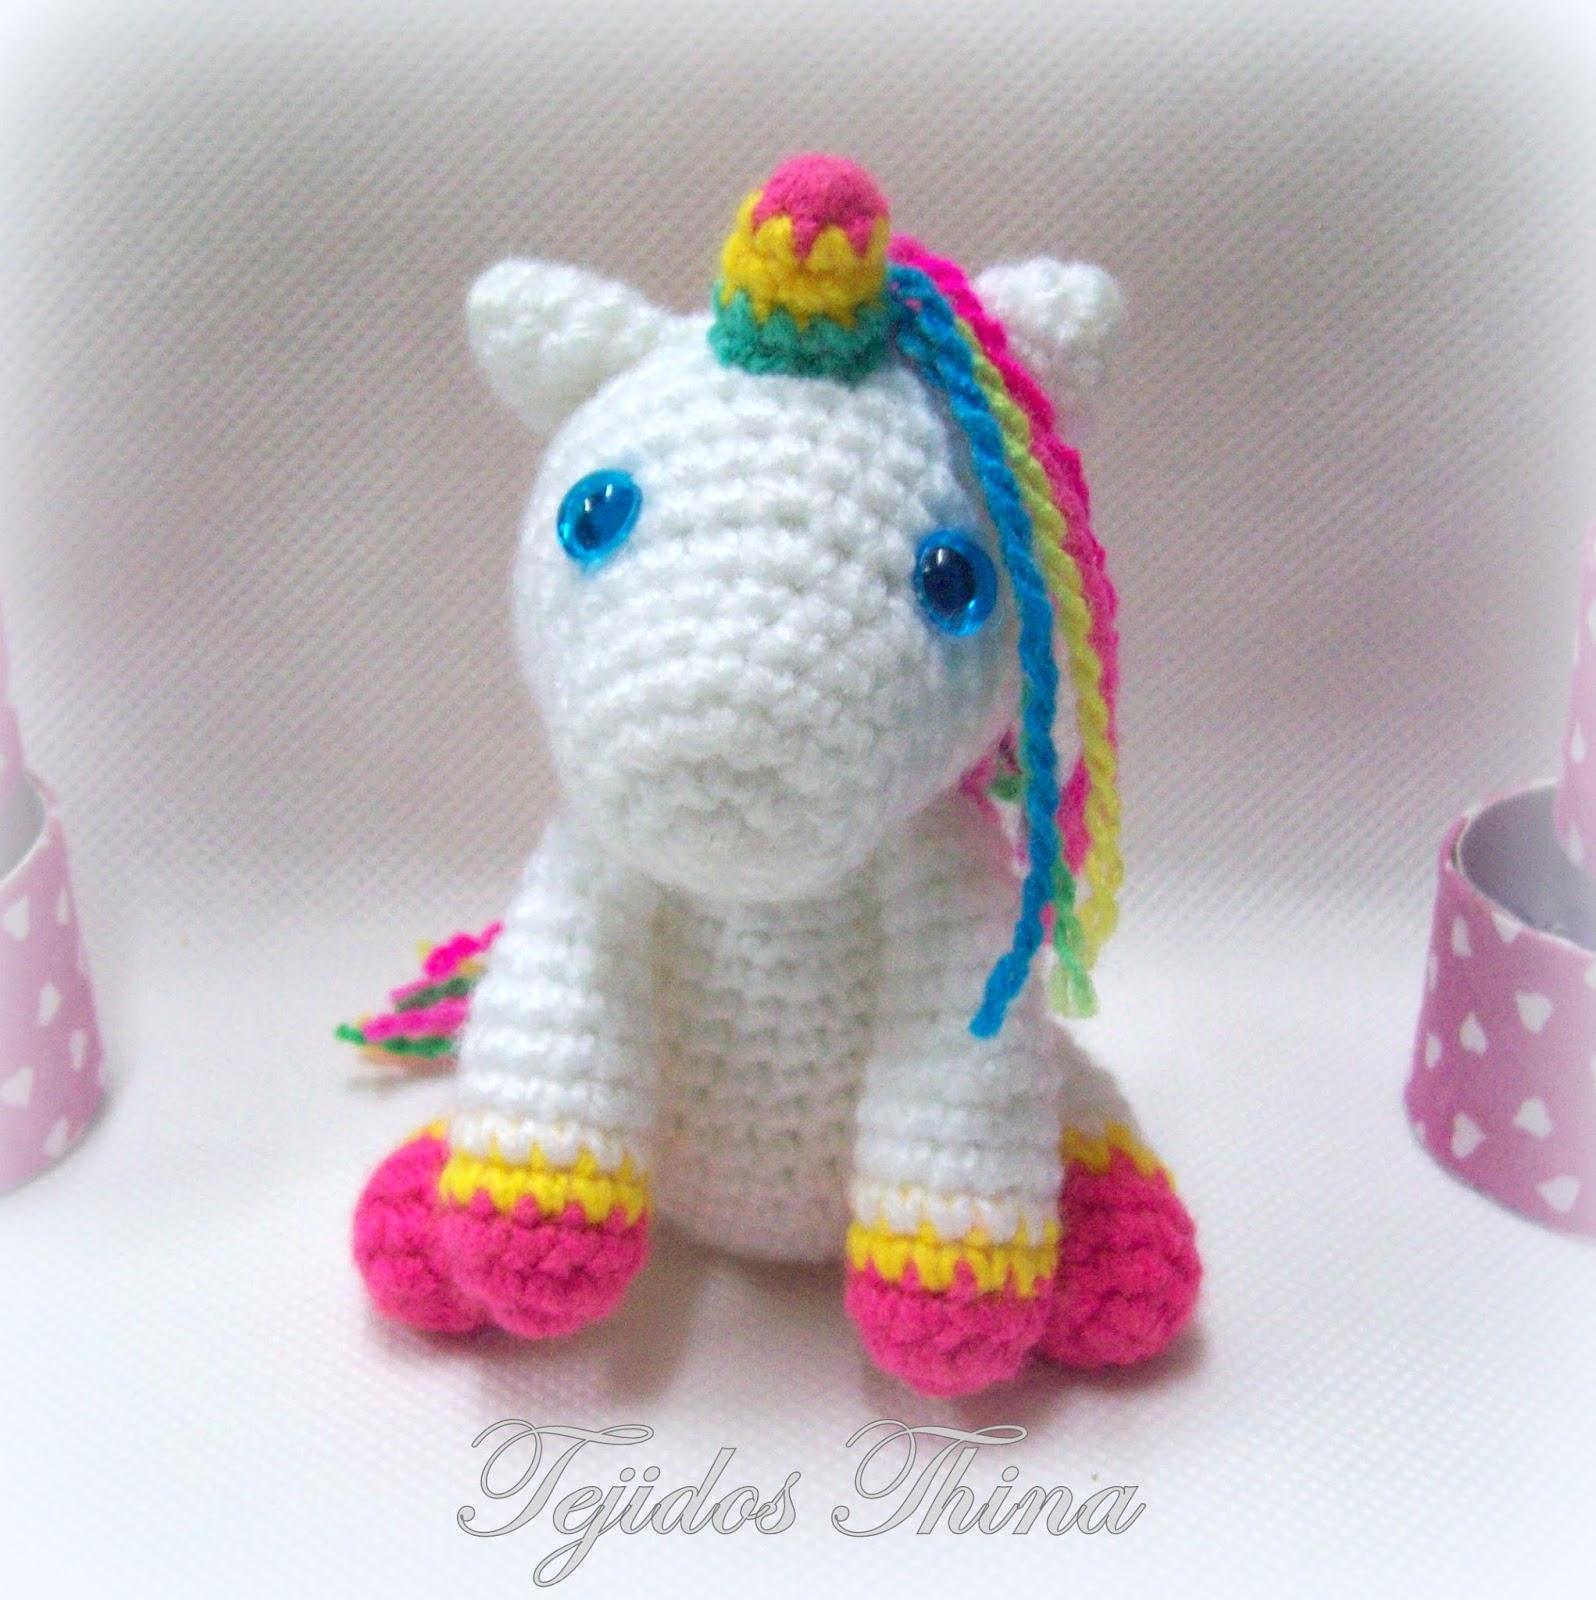 Blog sobre patrones gratis de tejidos al crochet y amigurumi ... | 1600x1596